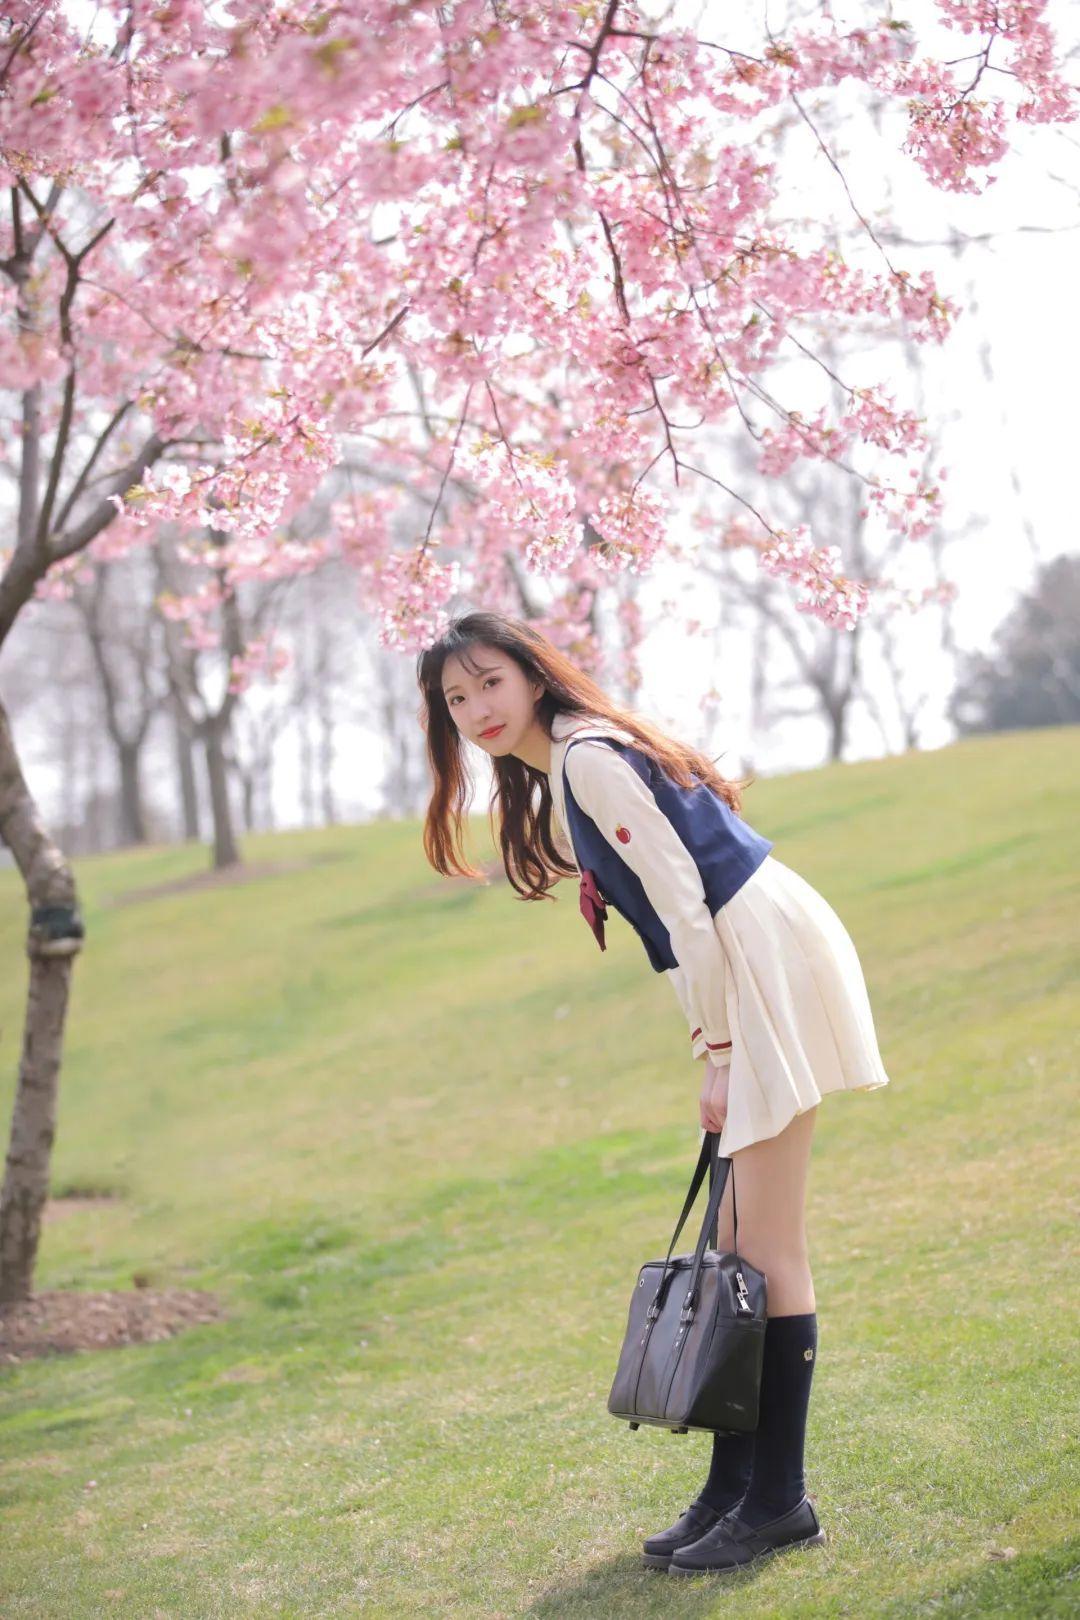 妹子摄影 – 粉粉的日系少女樱花树下写真_图片 No.32